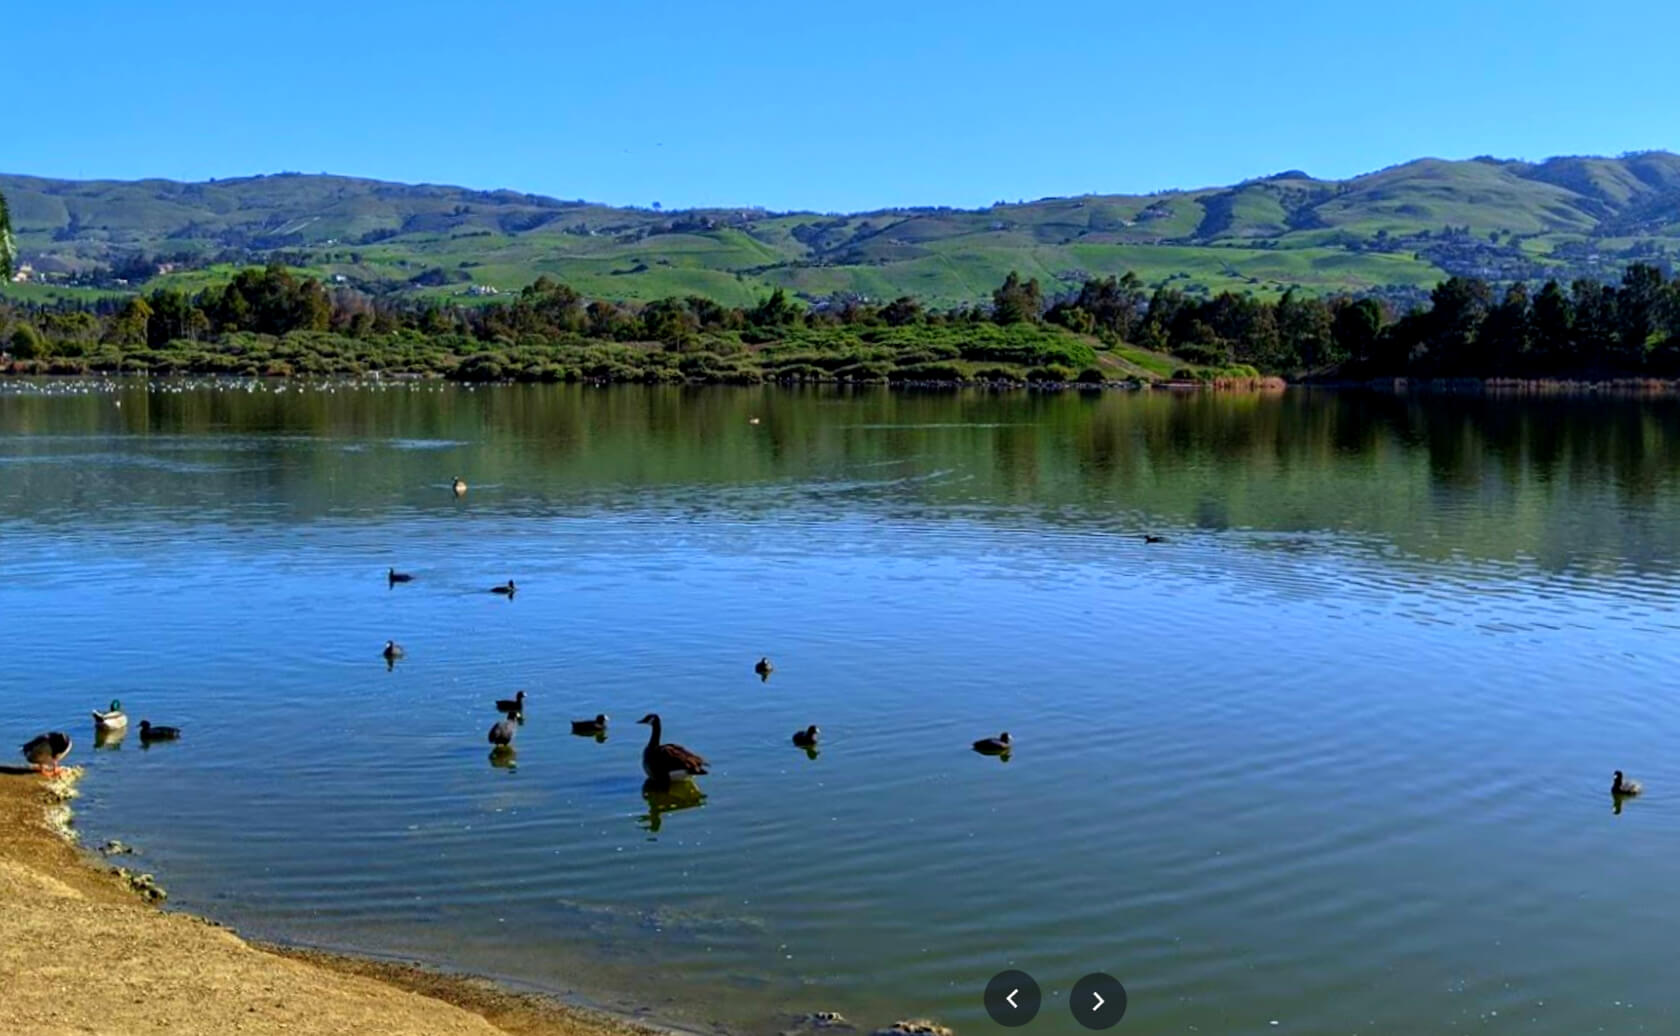 Lake-Cunningham-Fishing-Guide-Report-San-Jose-CA-01 Copy 4